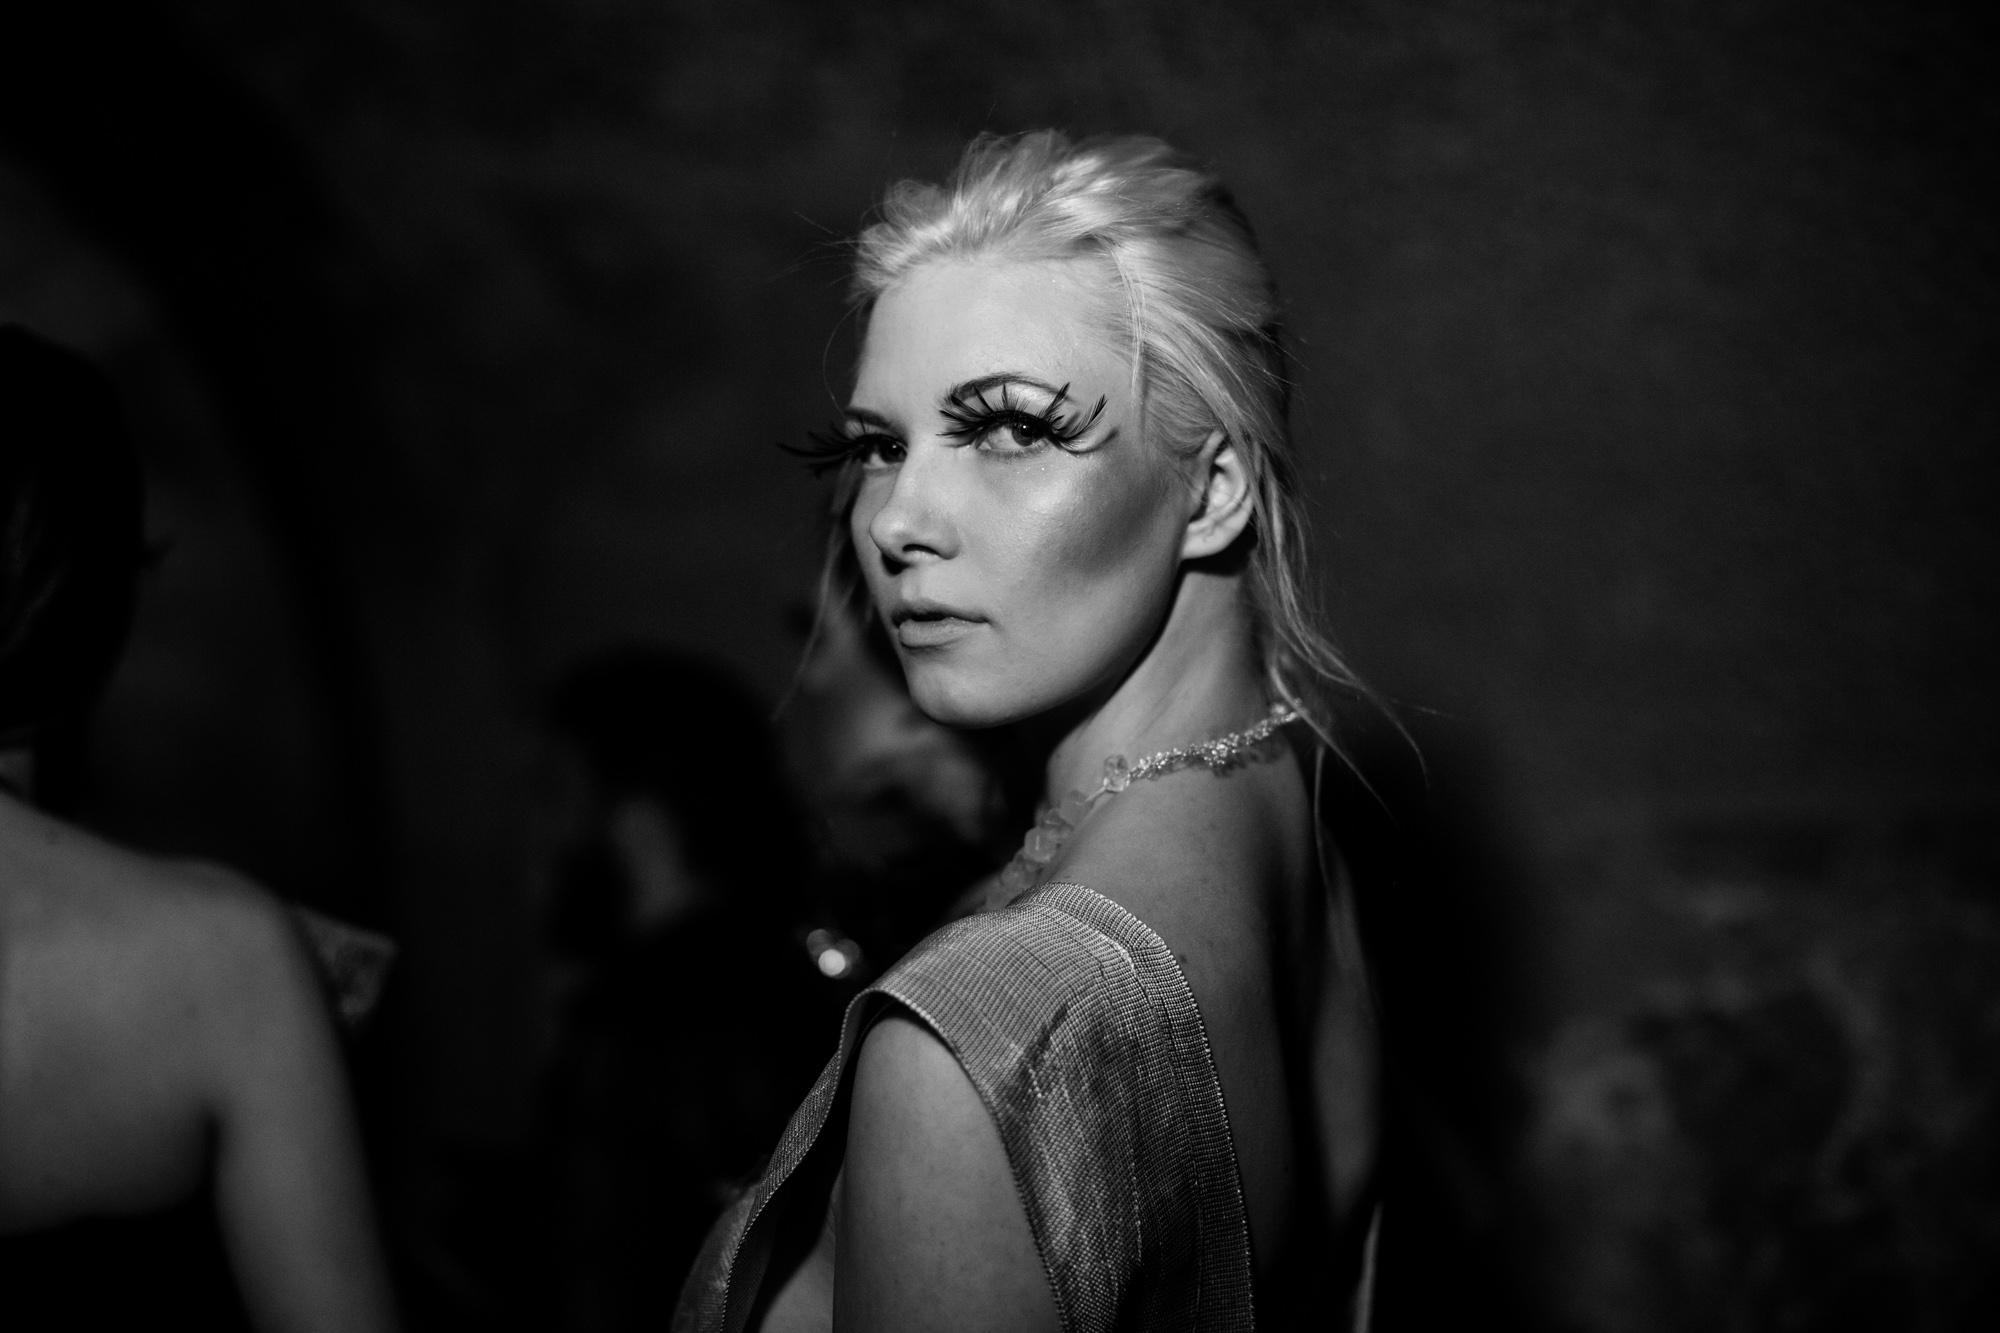 Caroline Hili Backstage_94B8910-488.jpg